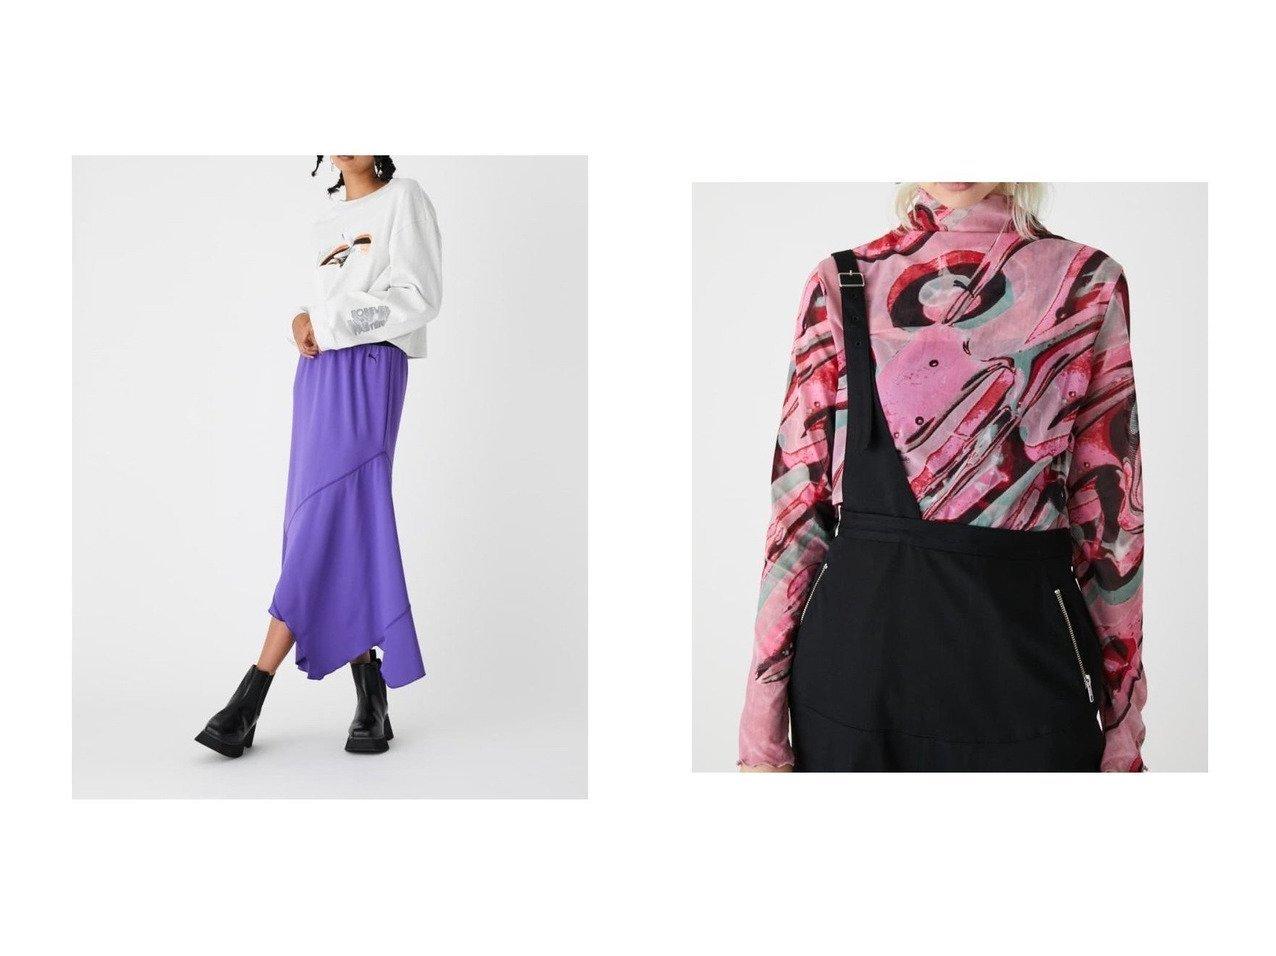 【SLY/スライ】のPUMA x SLY ASYMMETRY FLARE スカート&PUMA x SLY SAP SHEER トップス 別注・限定・コラボなど、おすすめ!人気トレンド・レディースファッション通販 おすすめで人気の流行・トレンド、ファッションの通販商品 メンズファッション・キッズファッション・インテリア・家具・レディースファッション・服の通販 founy(ファニー) https://founy.com/ ファッション Fashion レディースファッション WOMEN スカート Skirt トップス Tops Tshirt シャツ/ブラウス Shirts Blouses 2020年 2020 2020-2021 秋冬 A/W AW Autumn/Winter / FW Fall-Winter 2020-2021 A/W 秋冬 AW Autumn/Winter / FW Fall-Winter アシンメトリー コラボ インナー キャミソール グラフィック ストレッチ チュール 長袖  ID:crp329100000013648